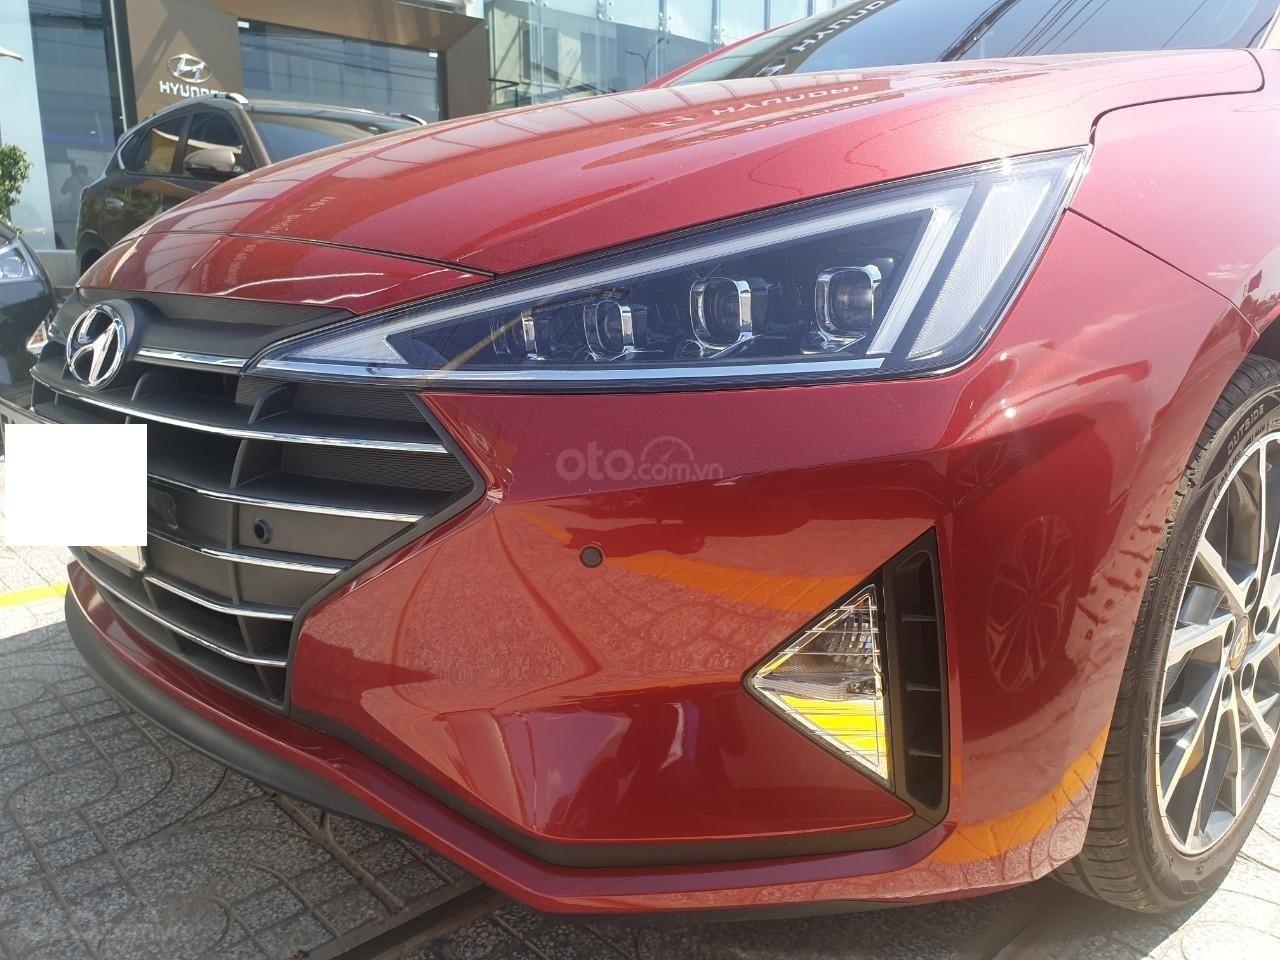 Hyundai Elantra 2.0 ĐB sản xuất 2019, đủ màu giao ngay liên hệ Mr. Quang 0936167272 (2)